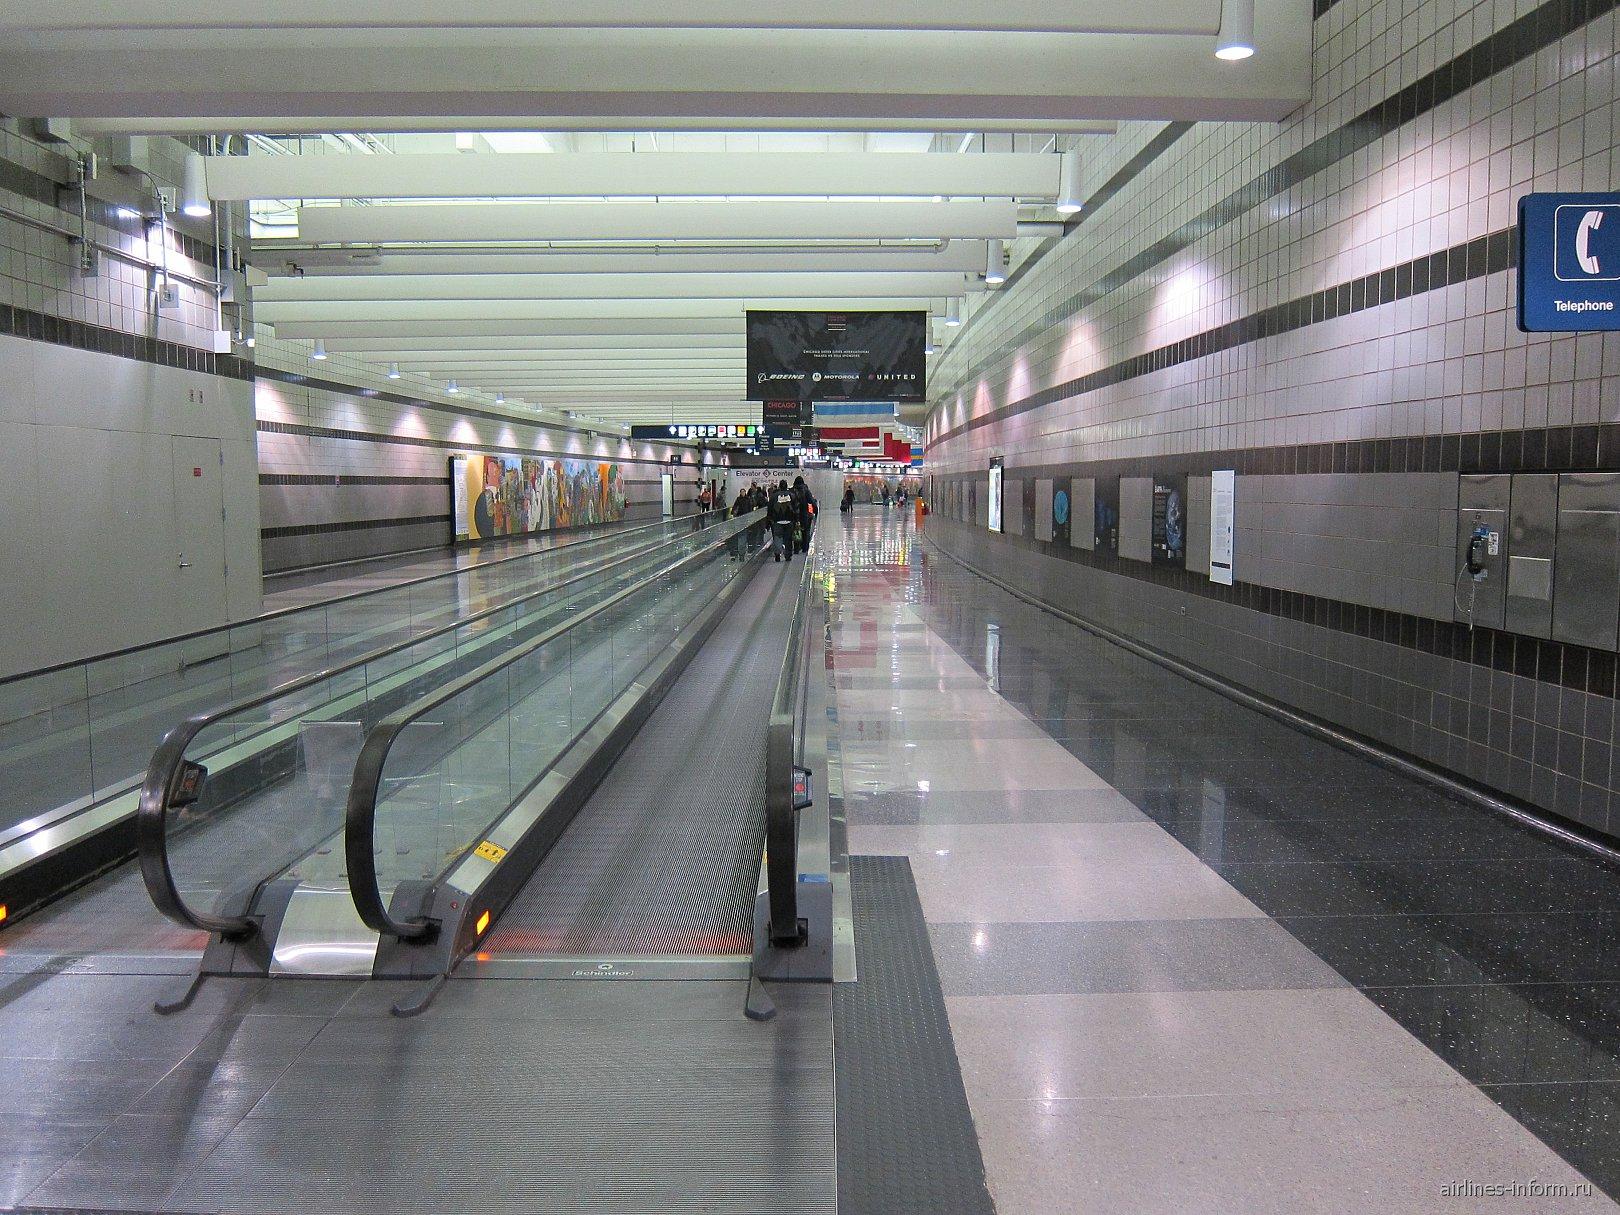 Переход к метро в аэропорту Чикаго О'Хара